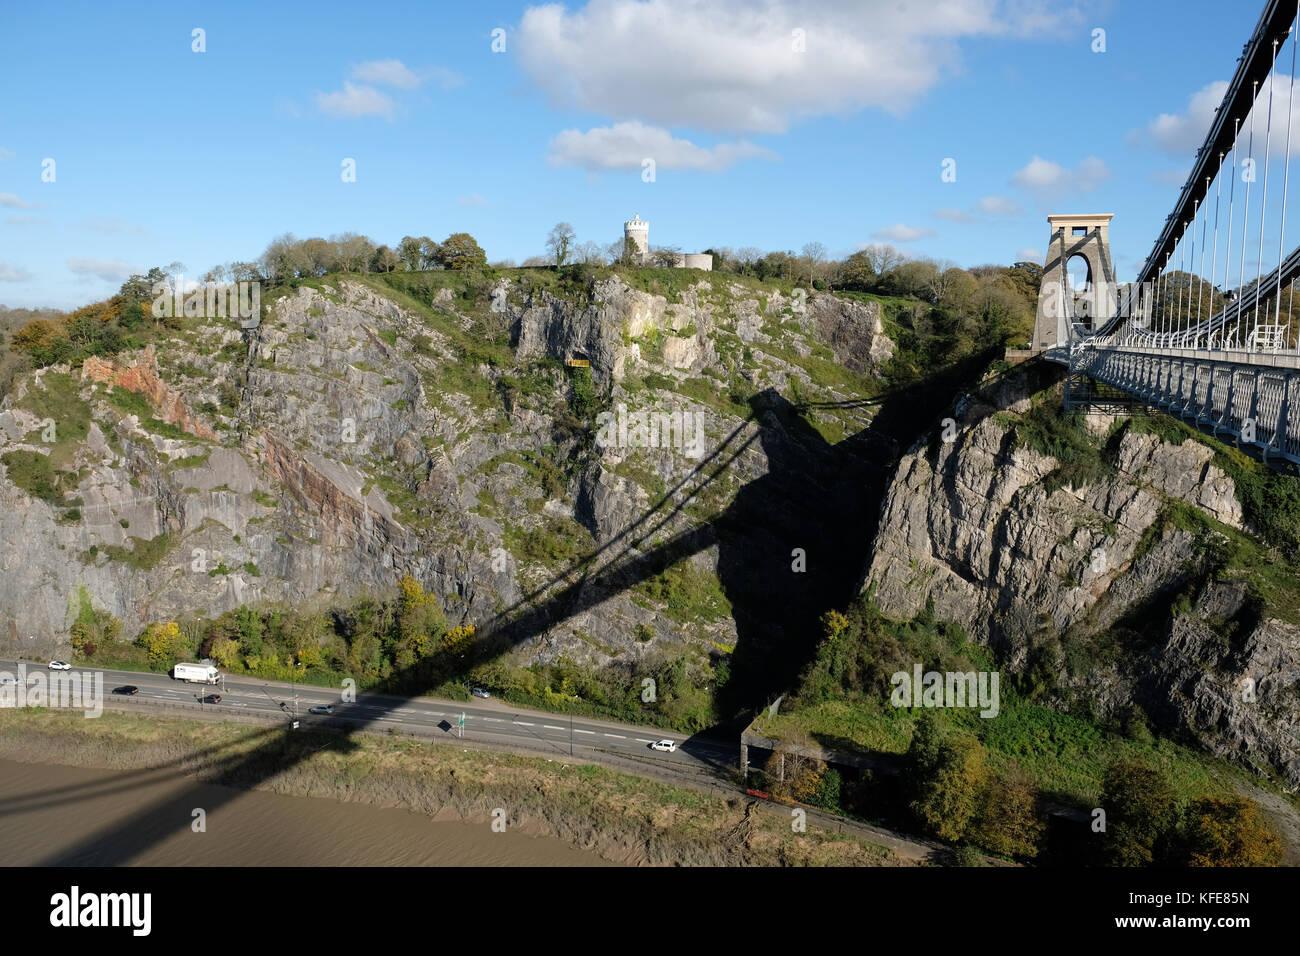 clifton suspension bridge - Stock Image